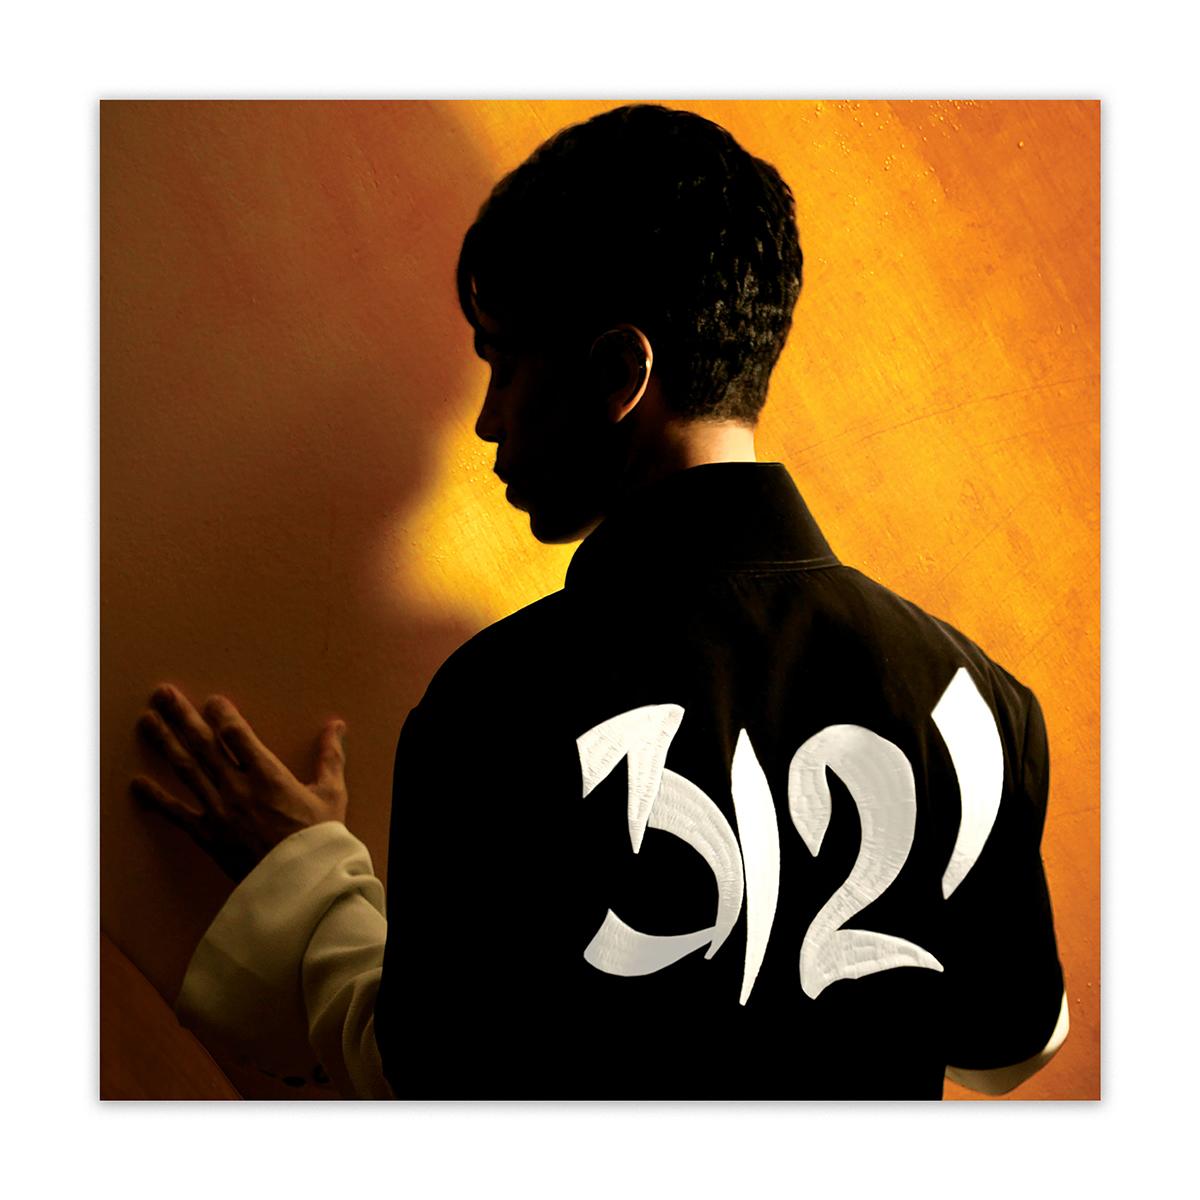 3121 Litho